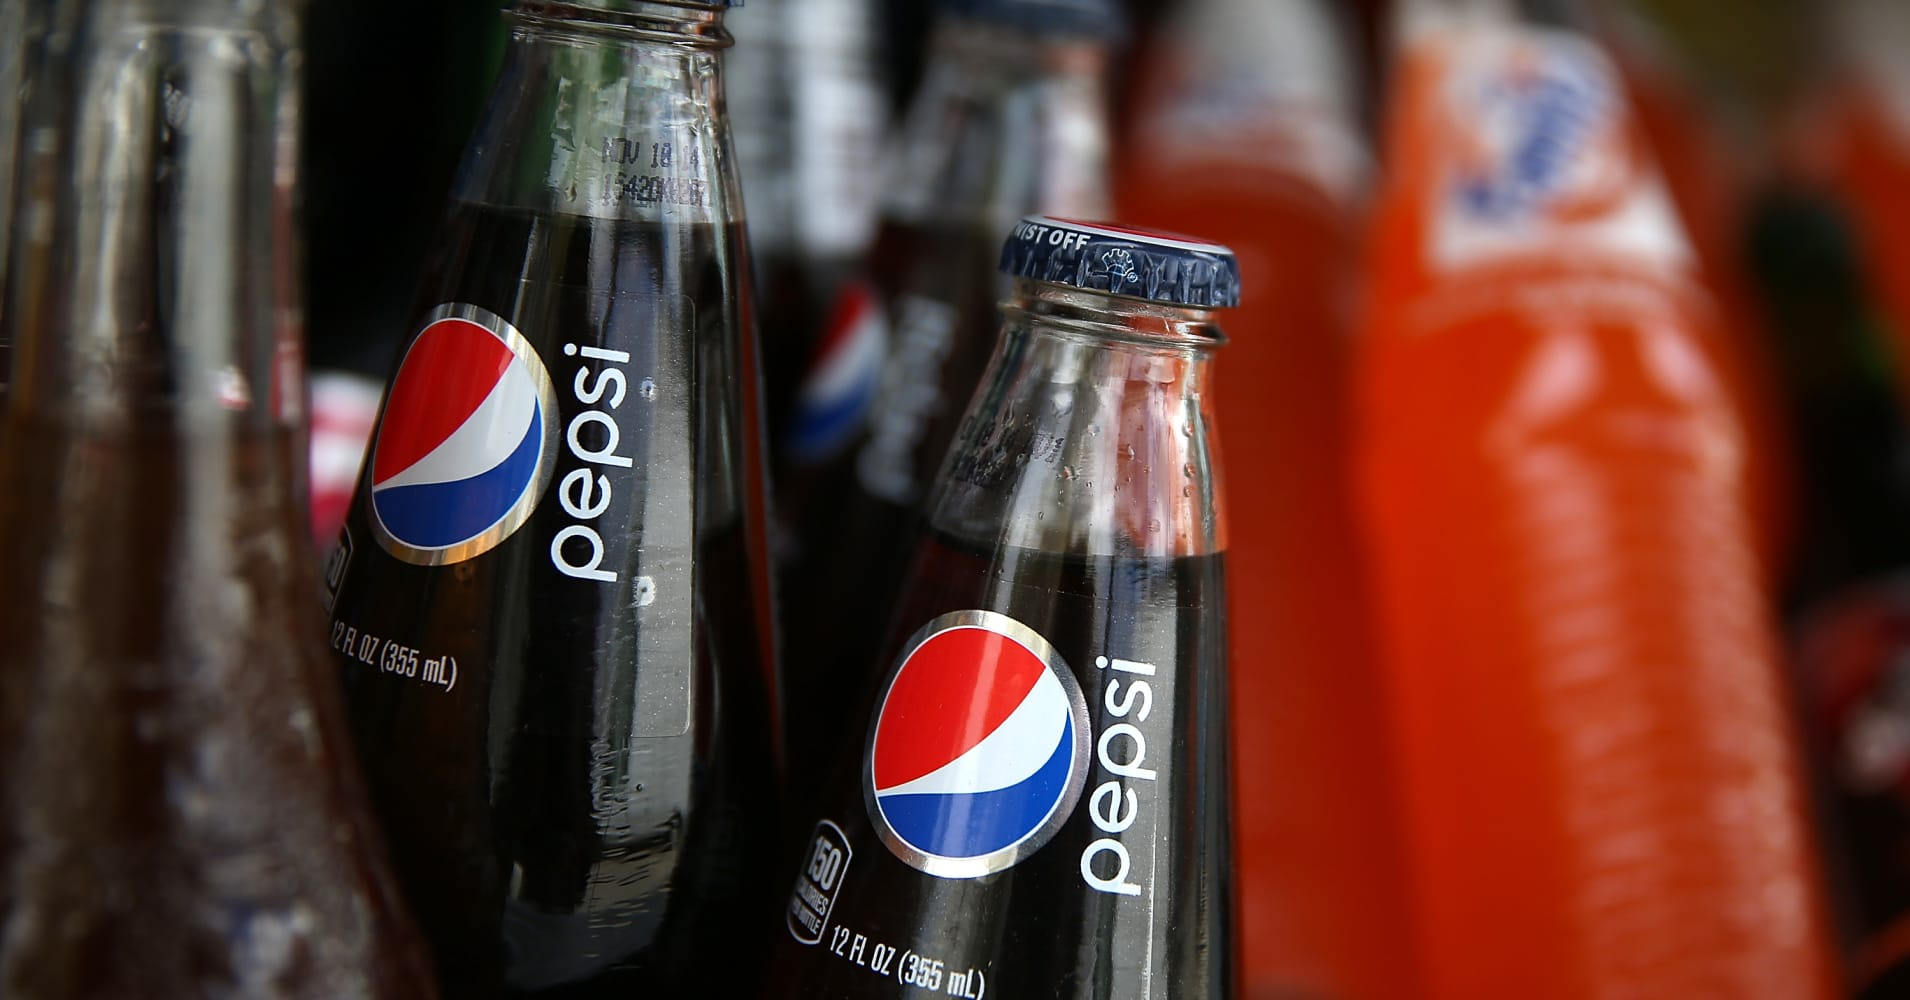 PepsiCo in bid to acquire Vita Coco owner: Sources